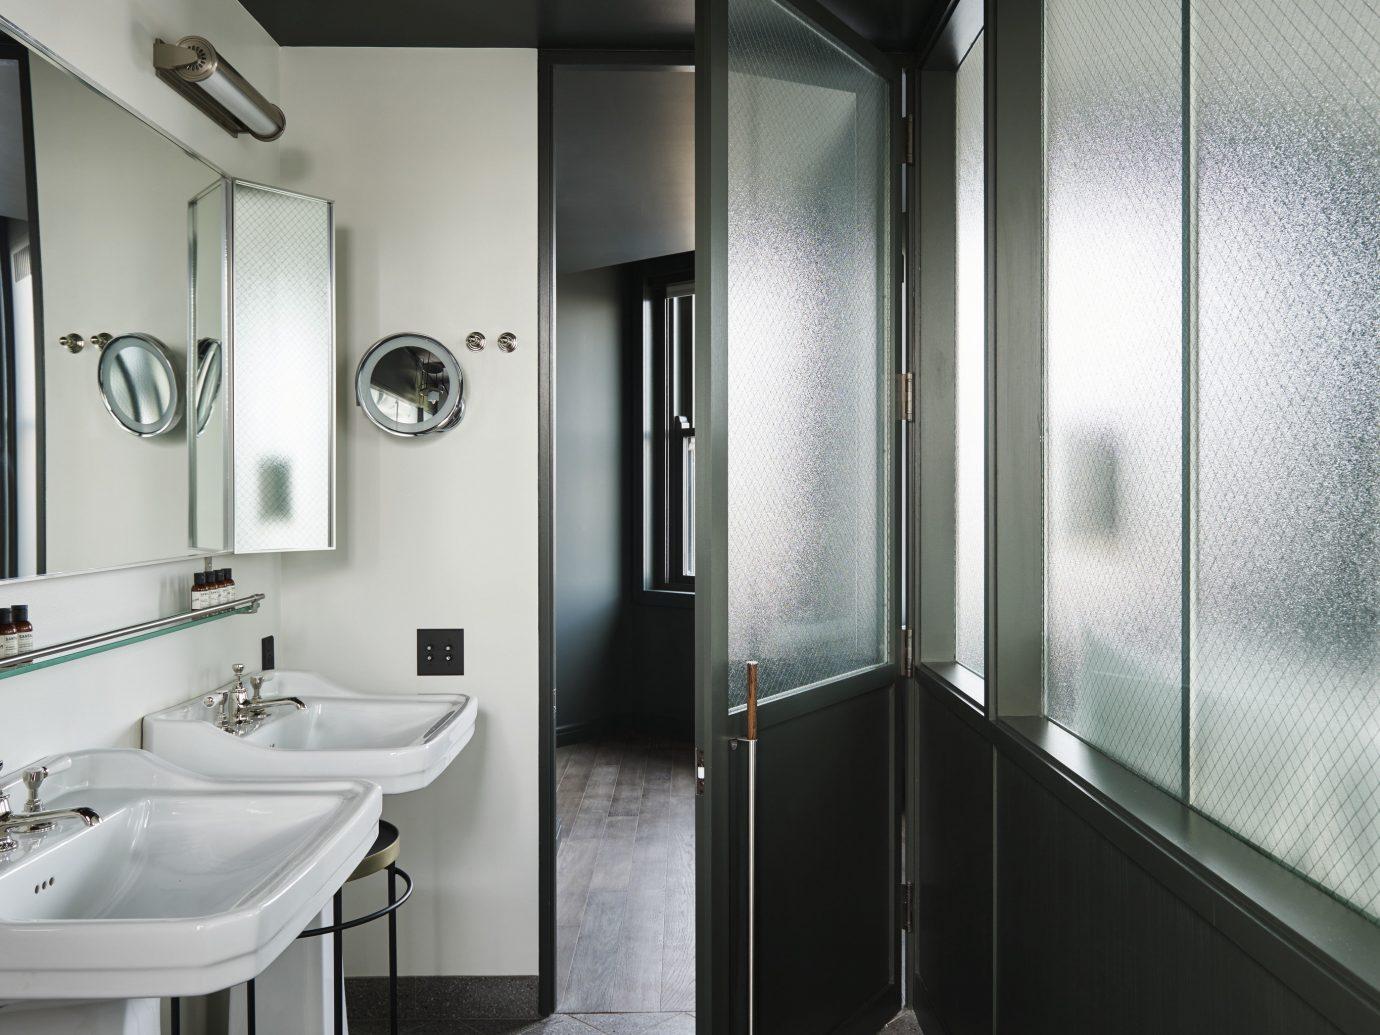 Boutique Hotels Chicago Hotels bathroom wall indoor sink mirror room property toilet interior design plumbing fixture public